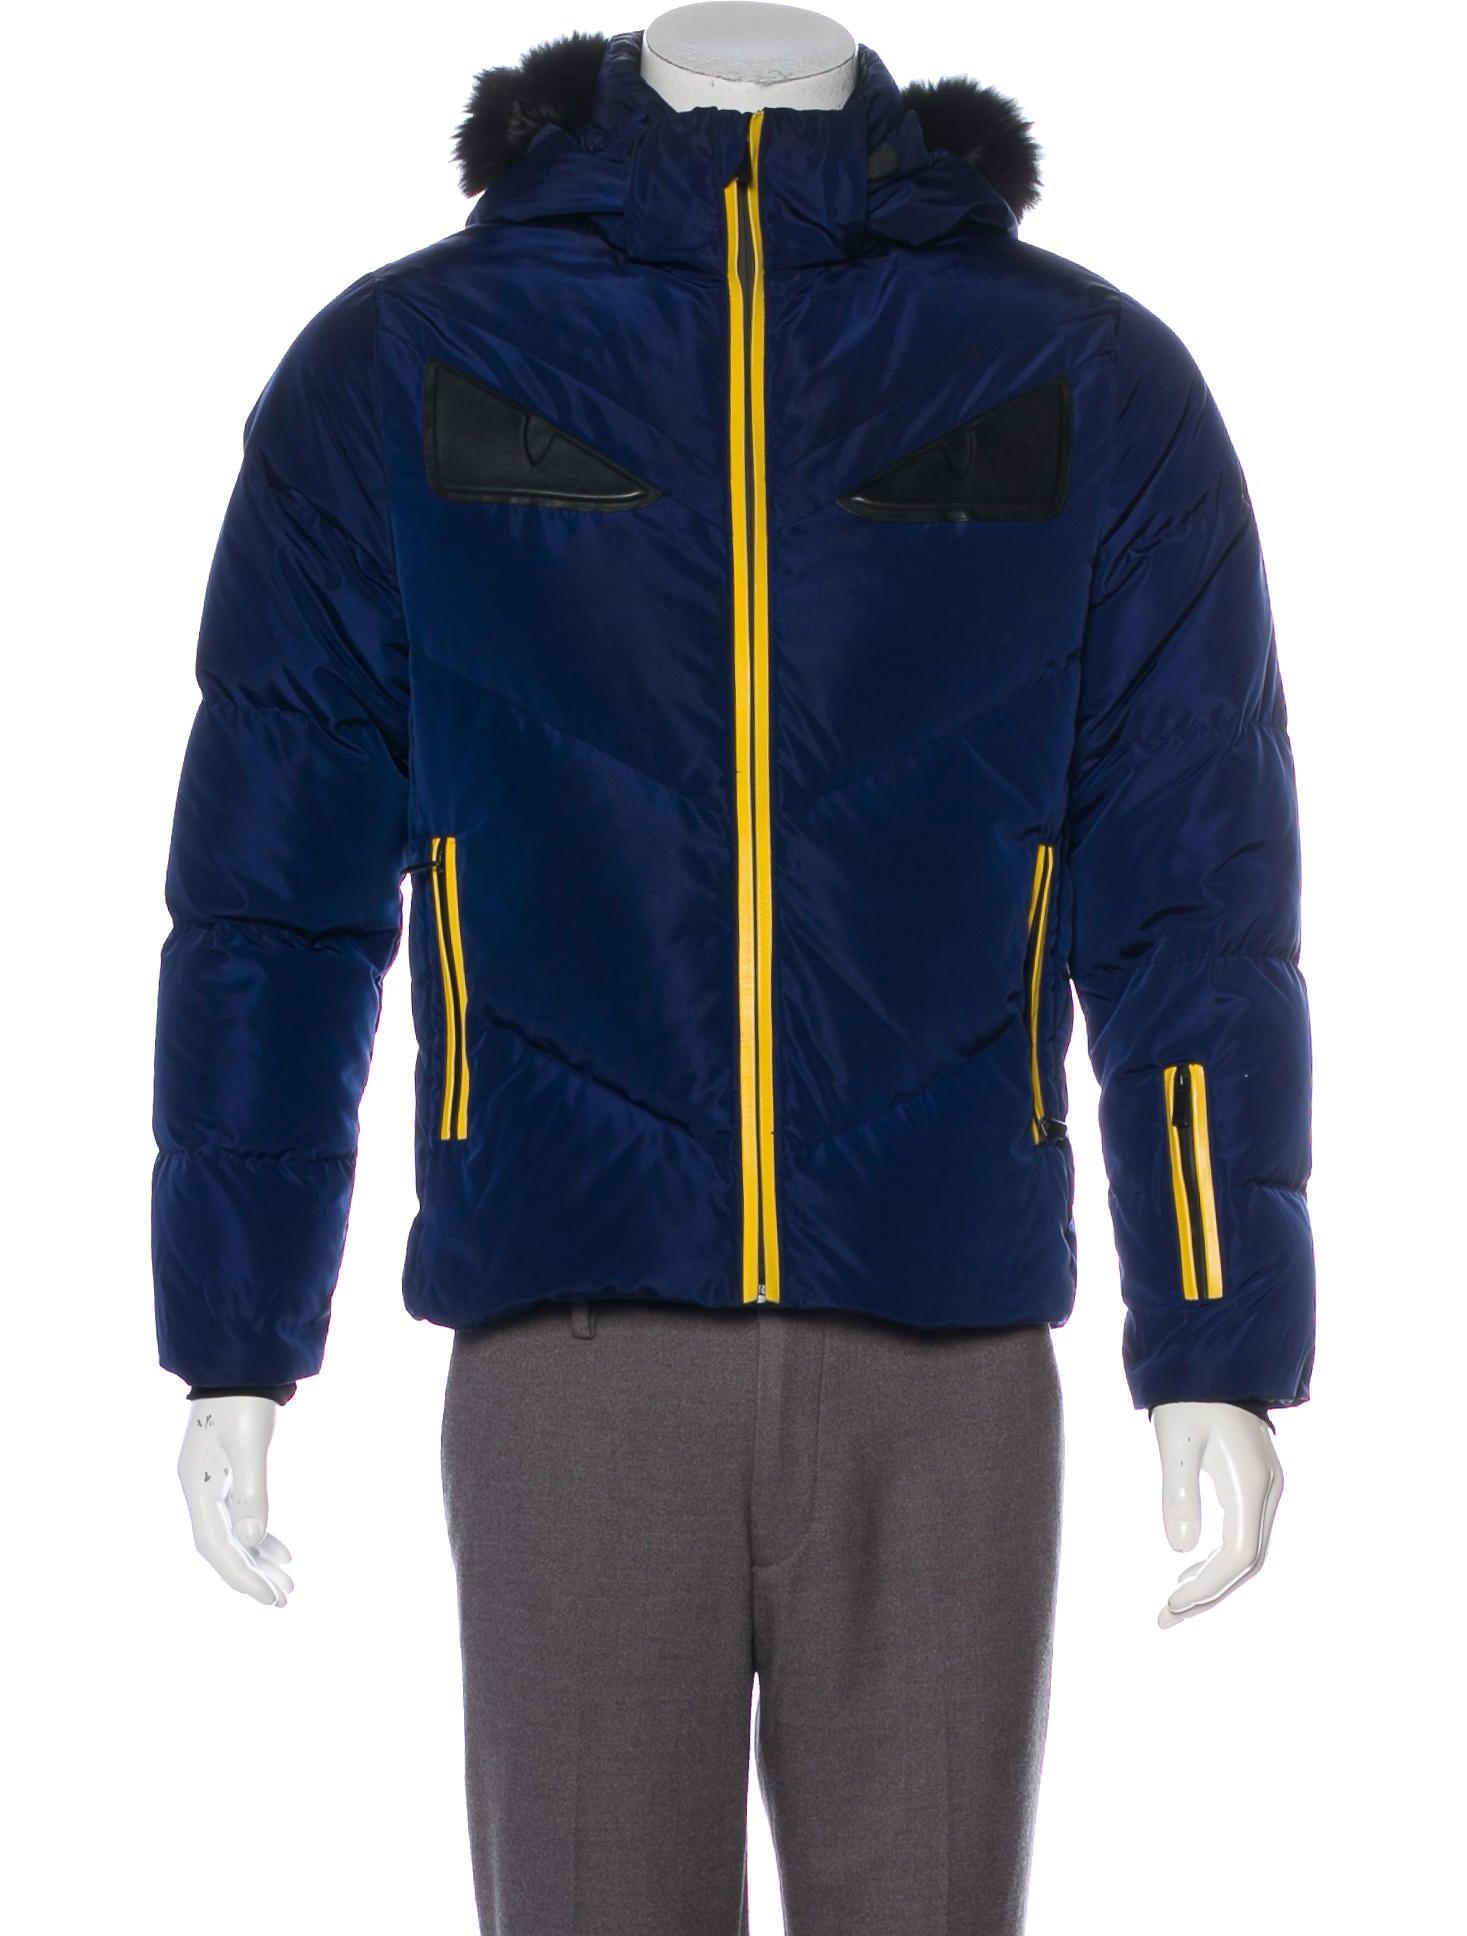 8ede035ca872 Fendi Fur-Trimmed Monster Eyes Jacket - Clothing - FEN101838